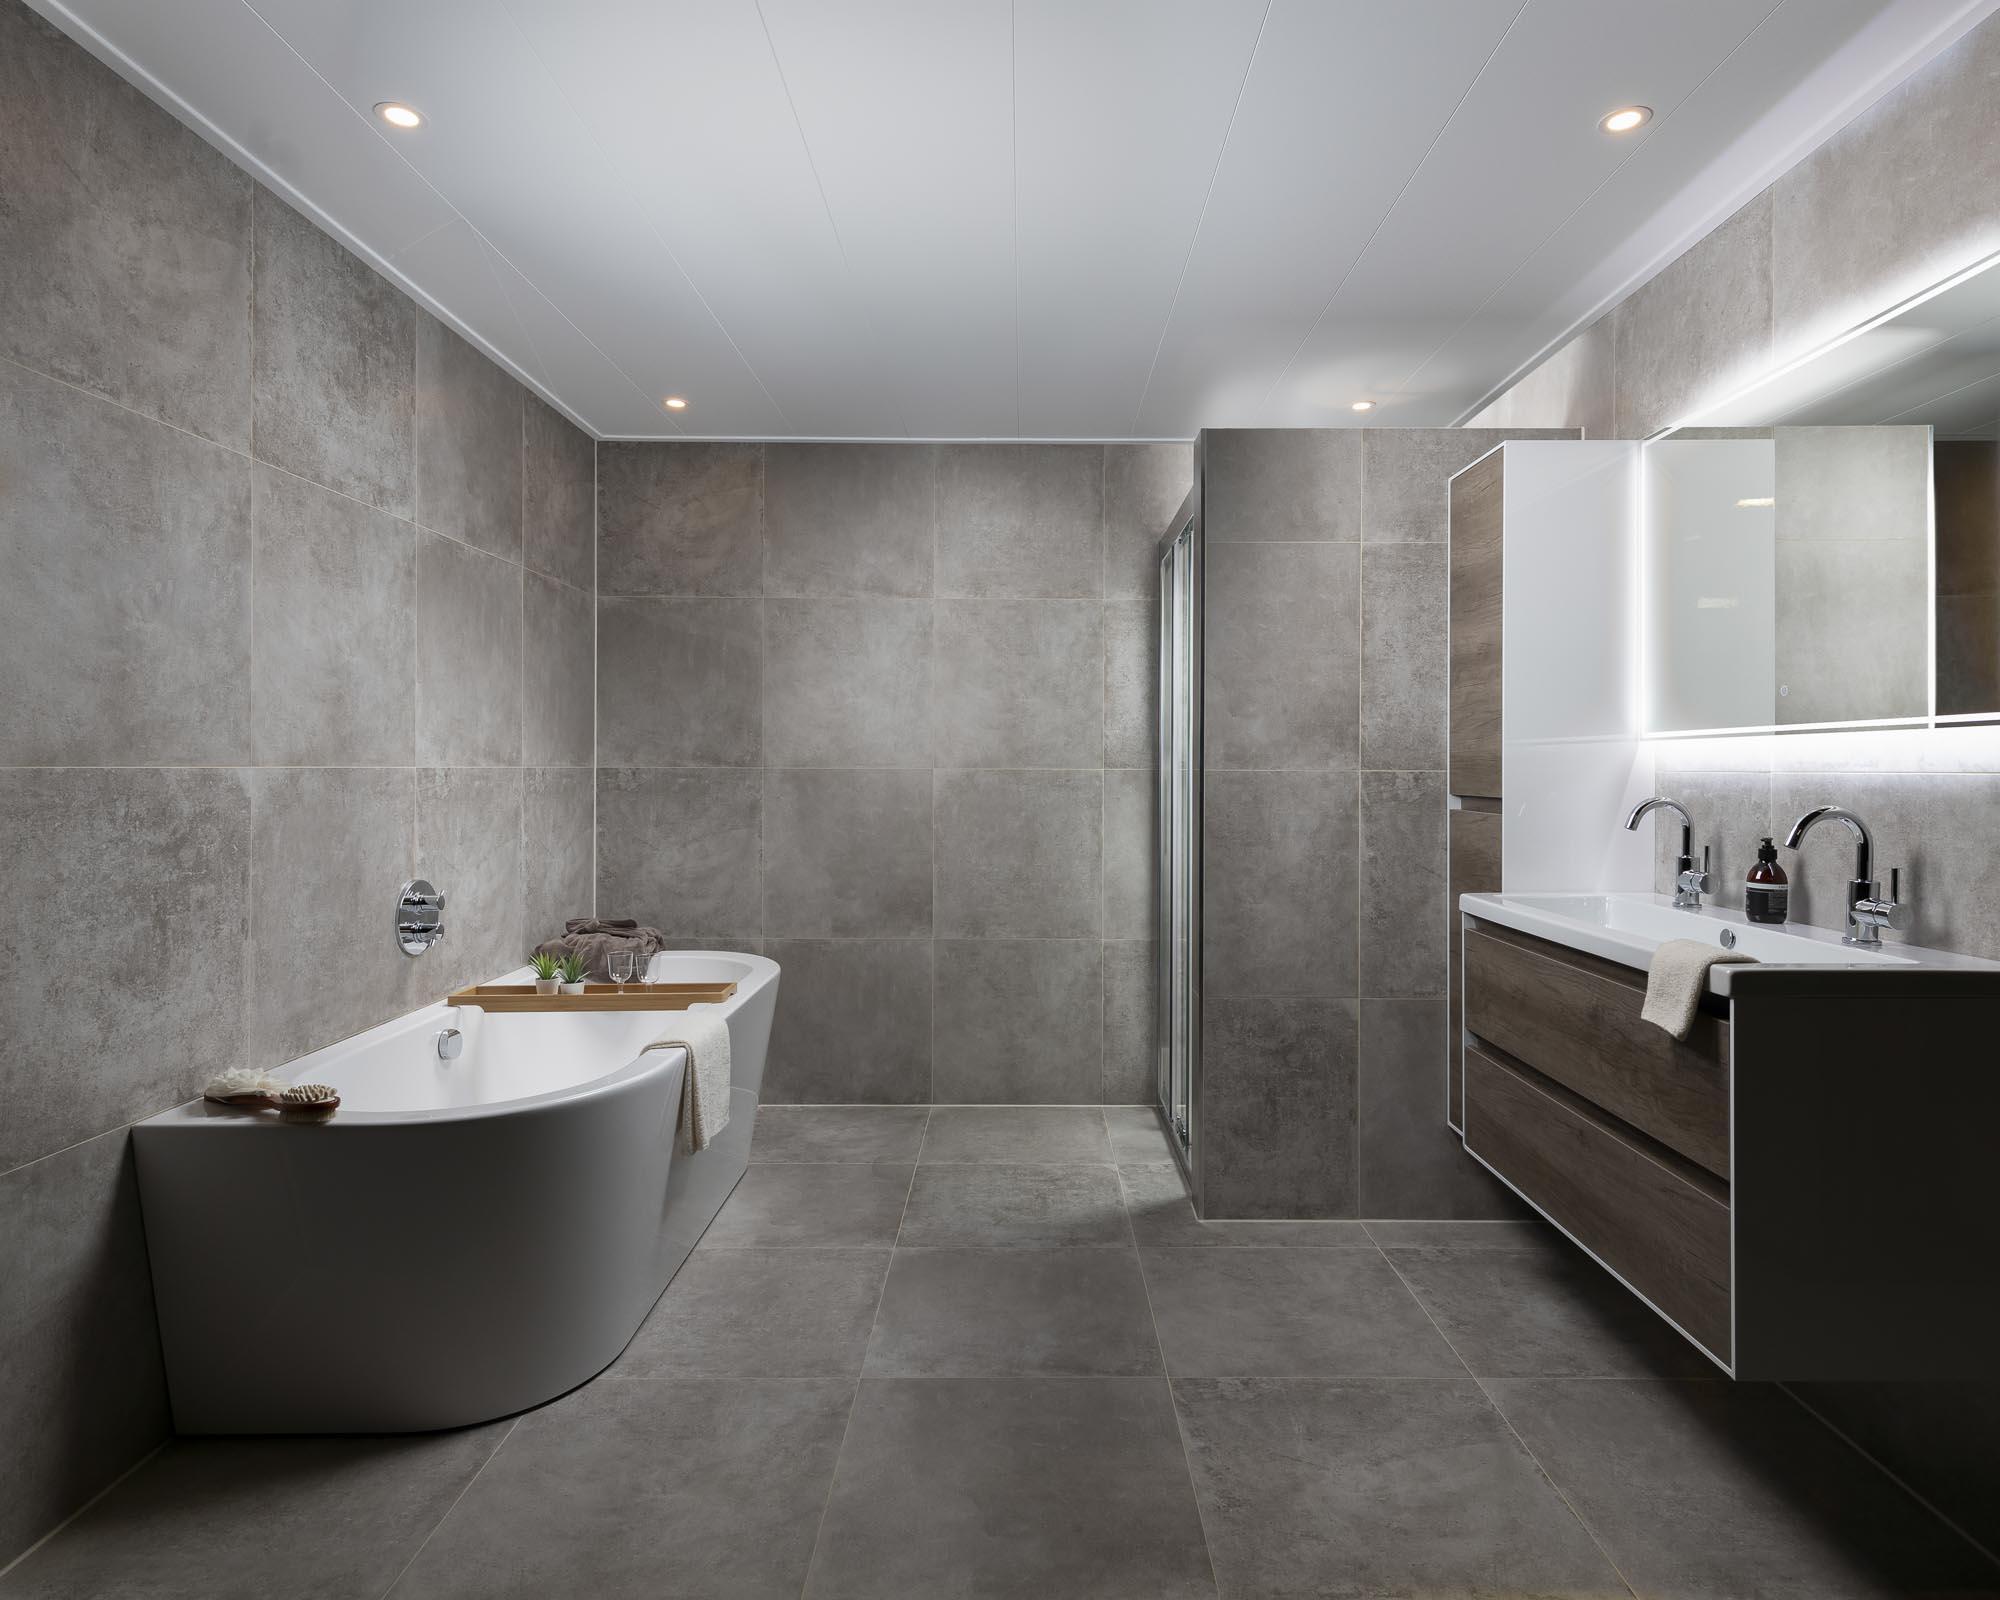 badkamer compleet tegels vervangen.jpg